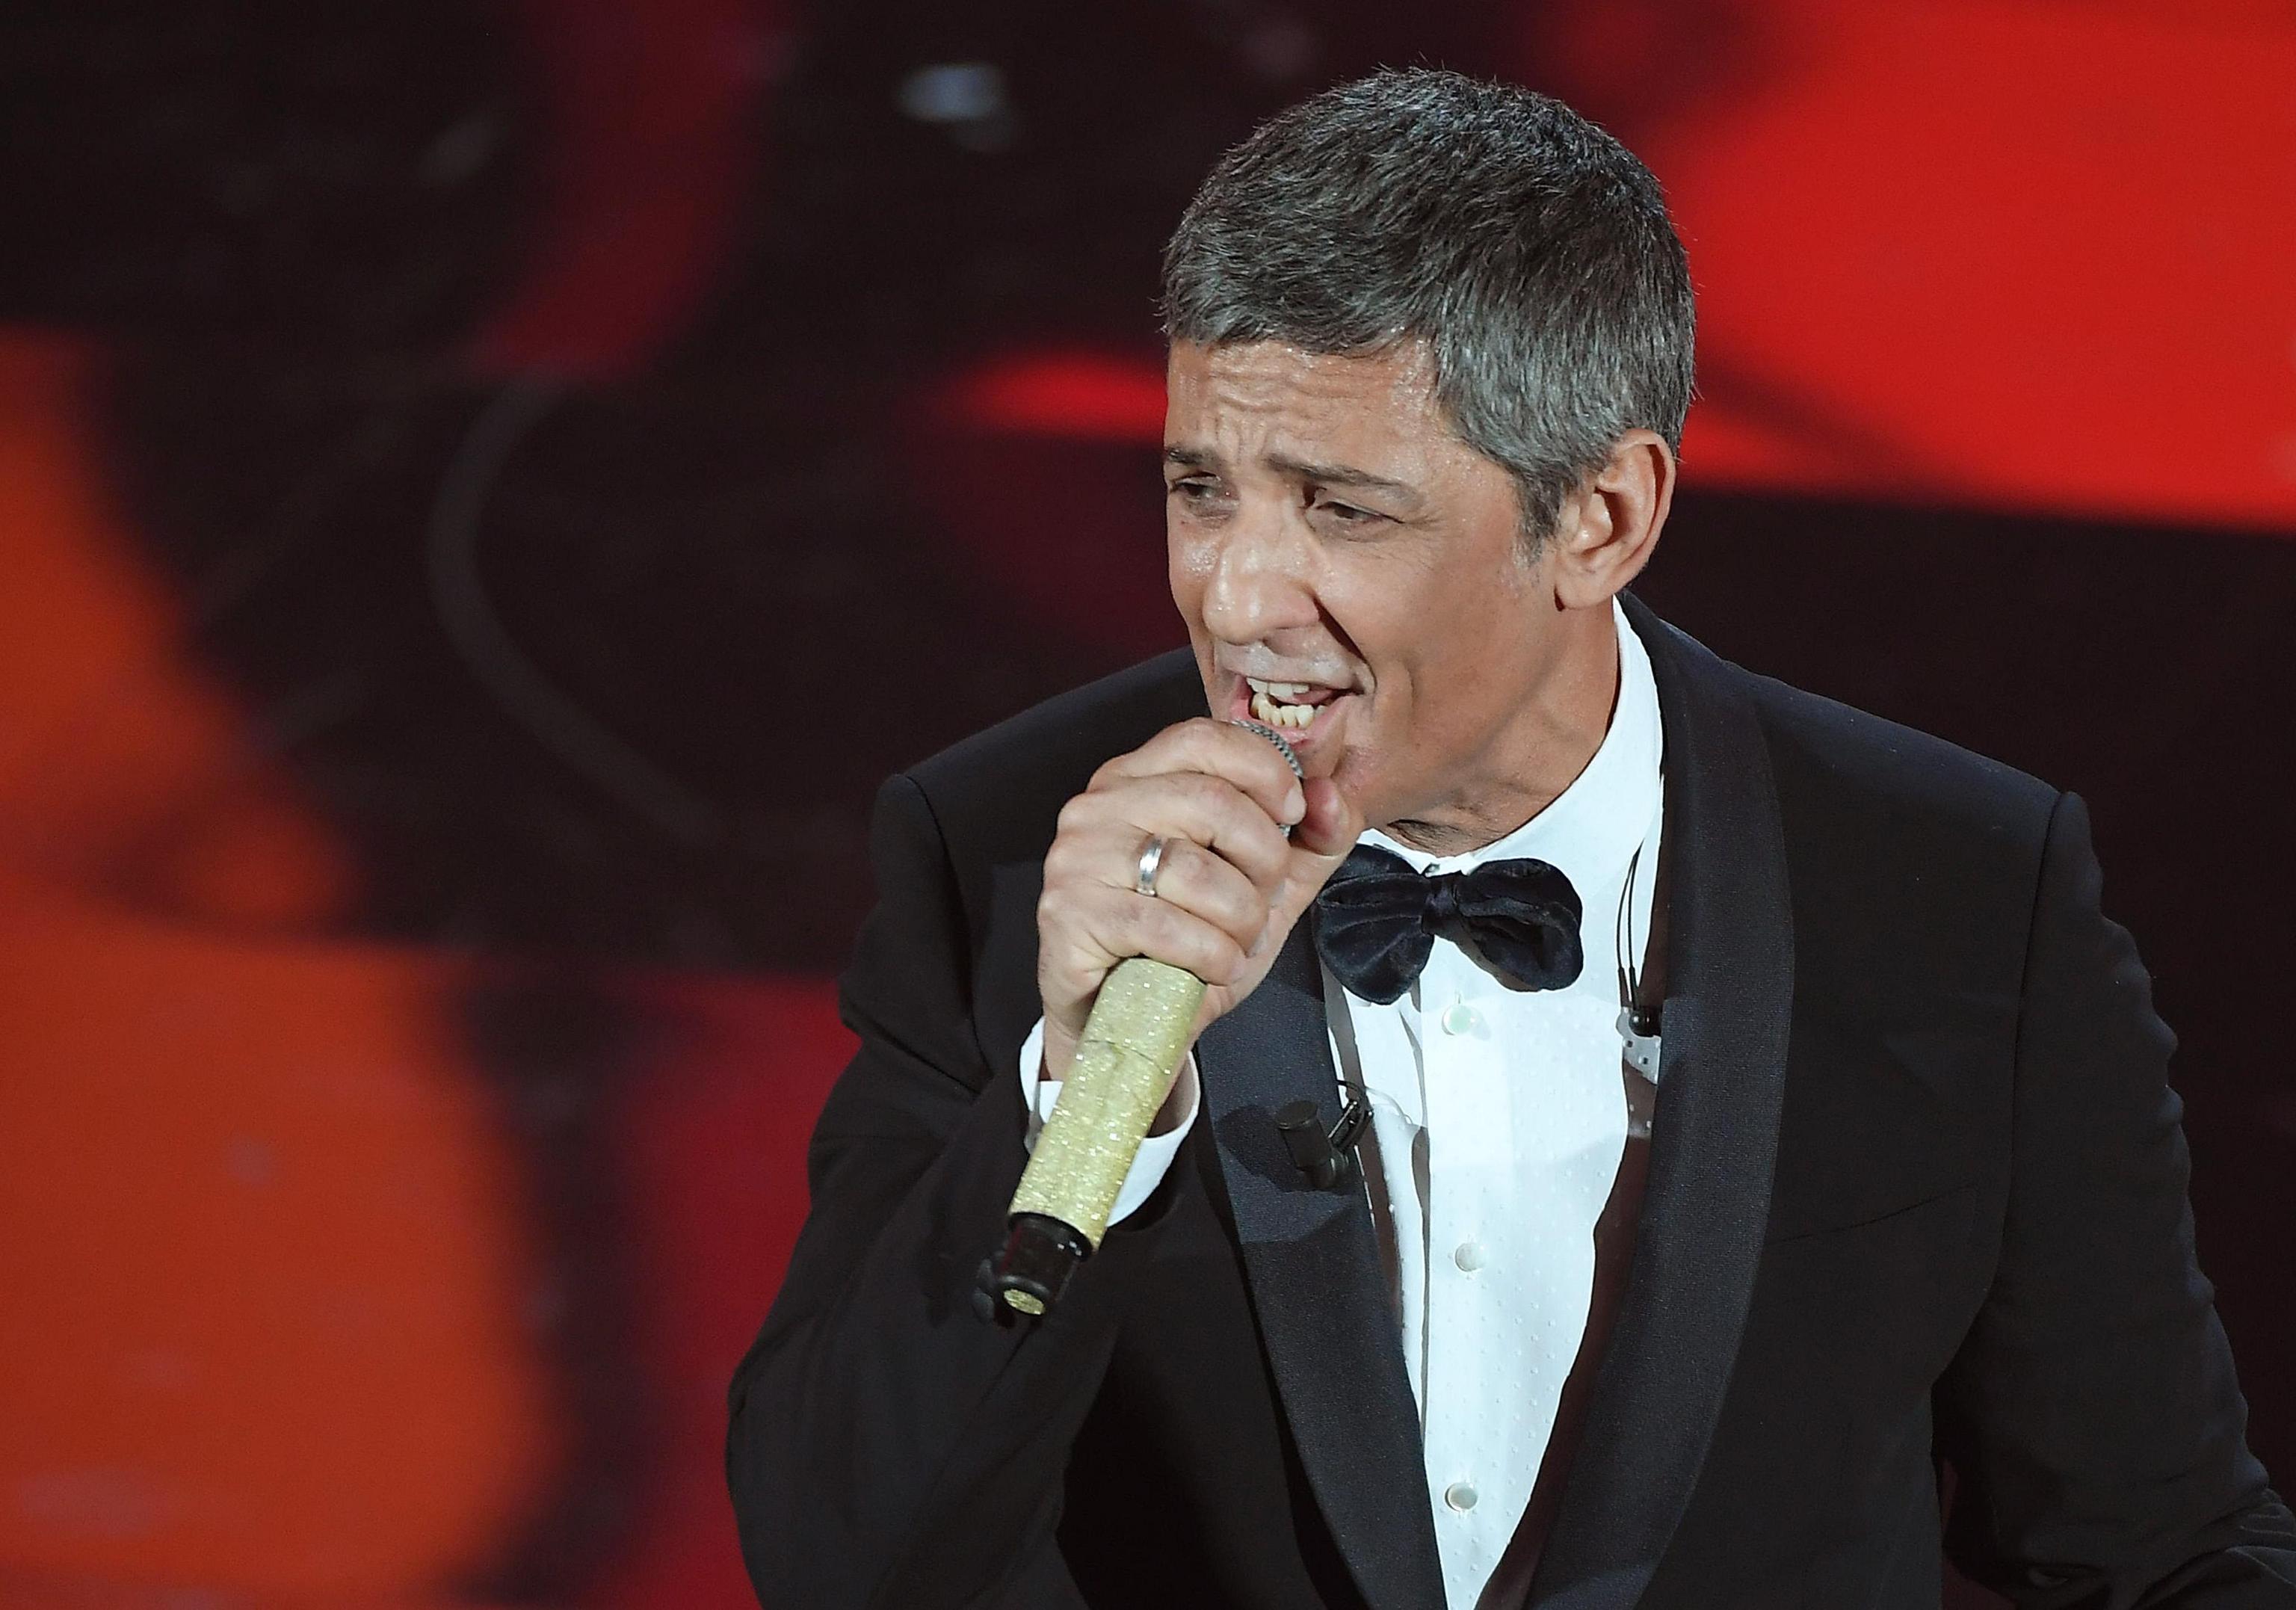 Fiorello torna in tv dopo Sanremo 2018? Il pressing di Mario Orfeo